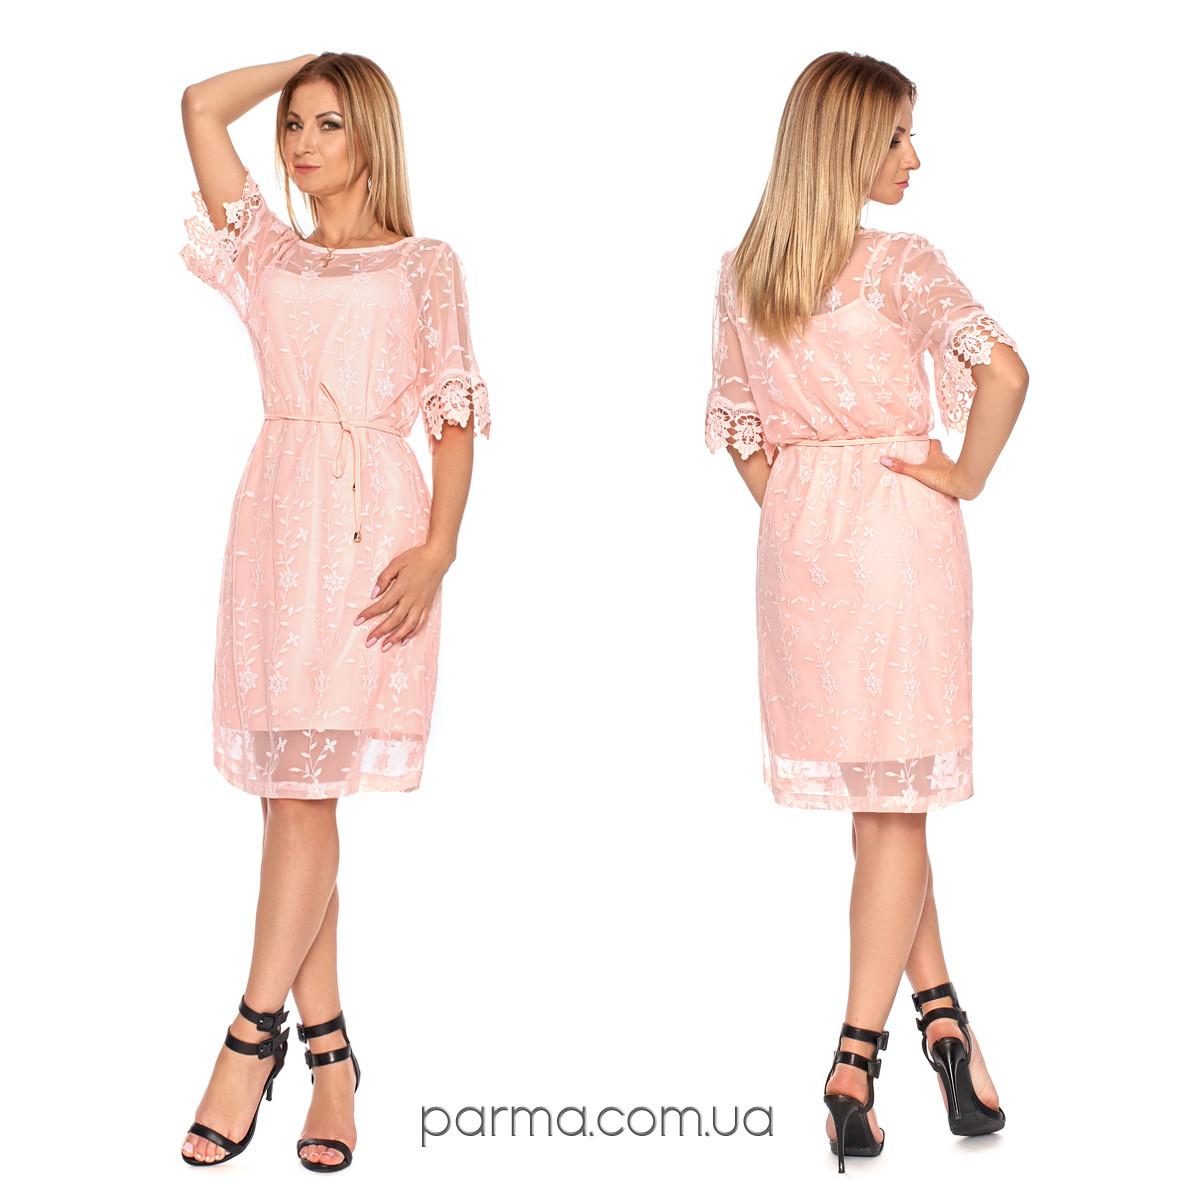 317c61ecf8212b2 Нарядное женское платье с вышивкой (р.44,46,48,50) креп-шифон ...